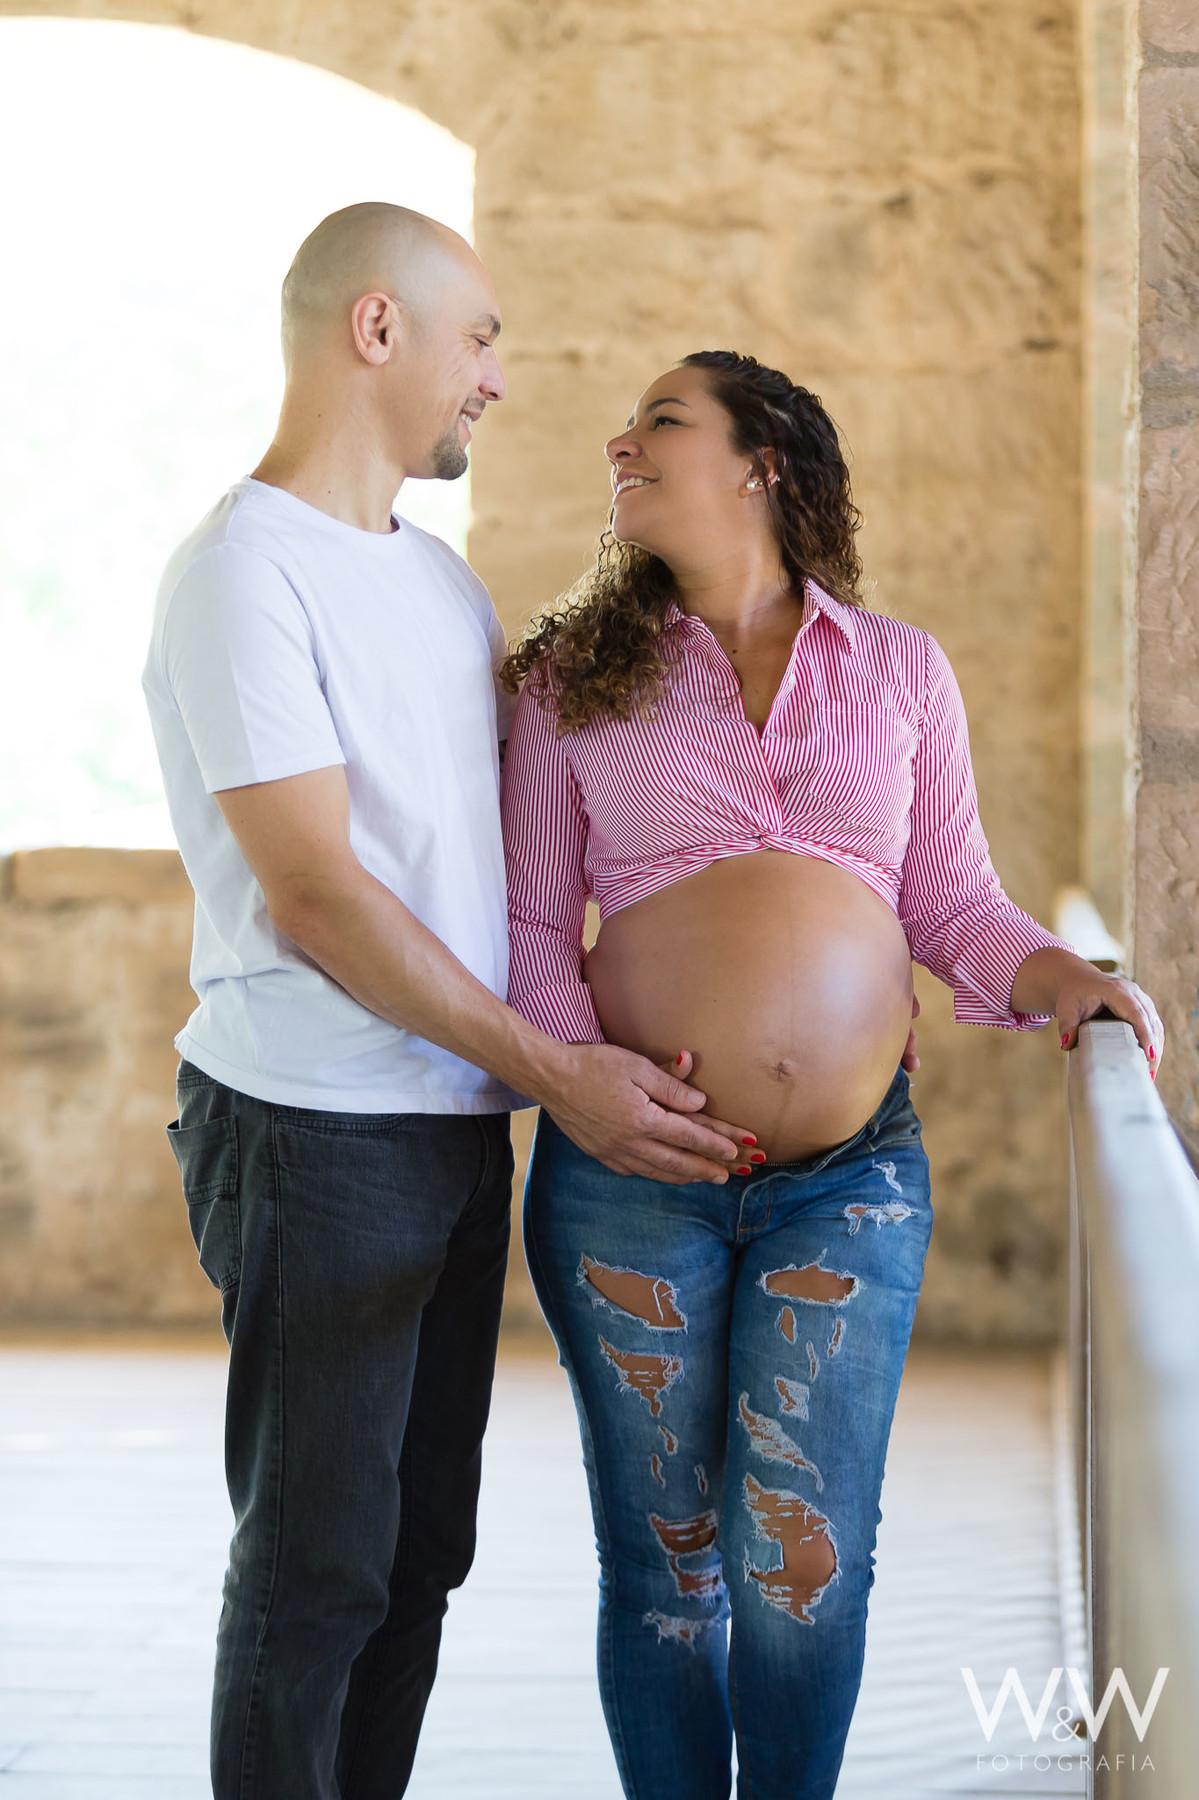 ensaio gestante iperó fazenda ipanema wewfotografia estudio são paulo ensaio de grávida